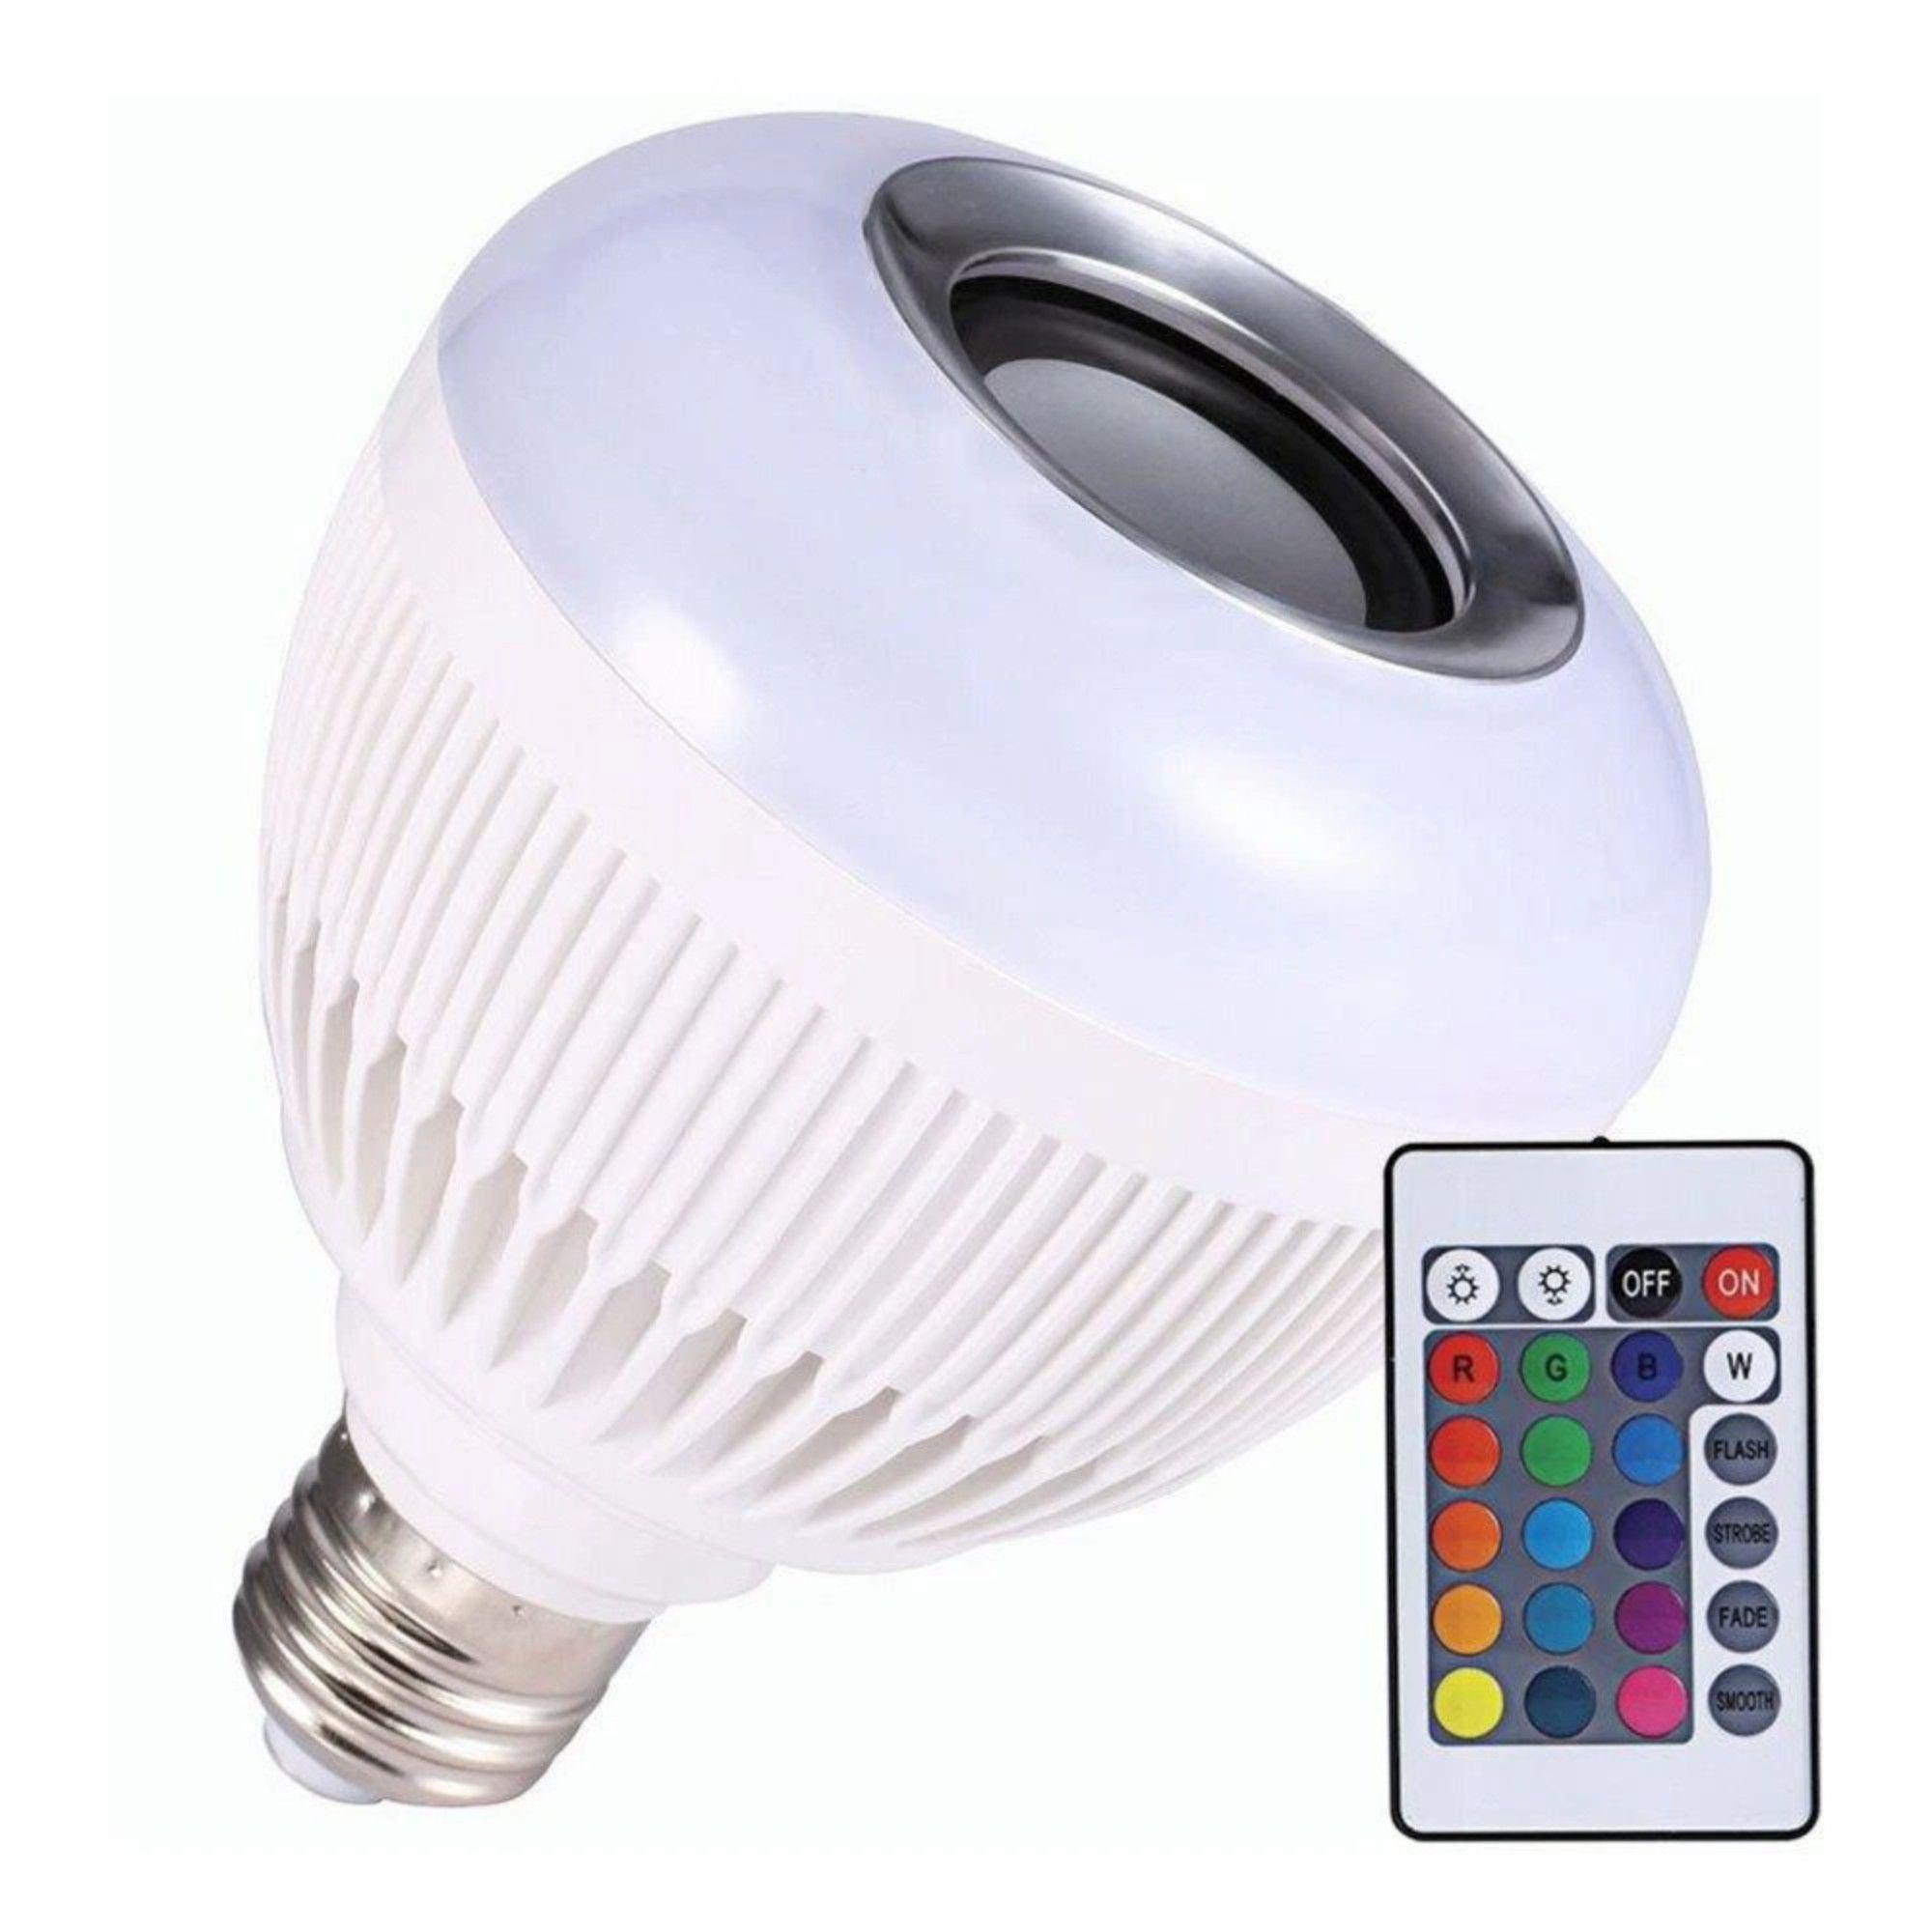 Lâmpada Luz Led Rgb Bluetooth Música Caixa Som C/ Controle